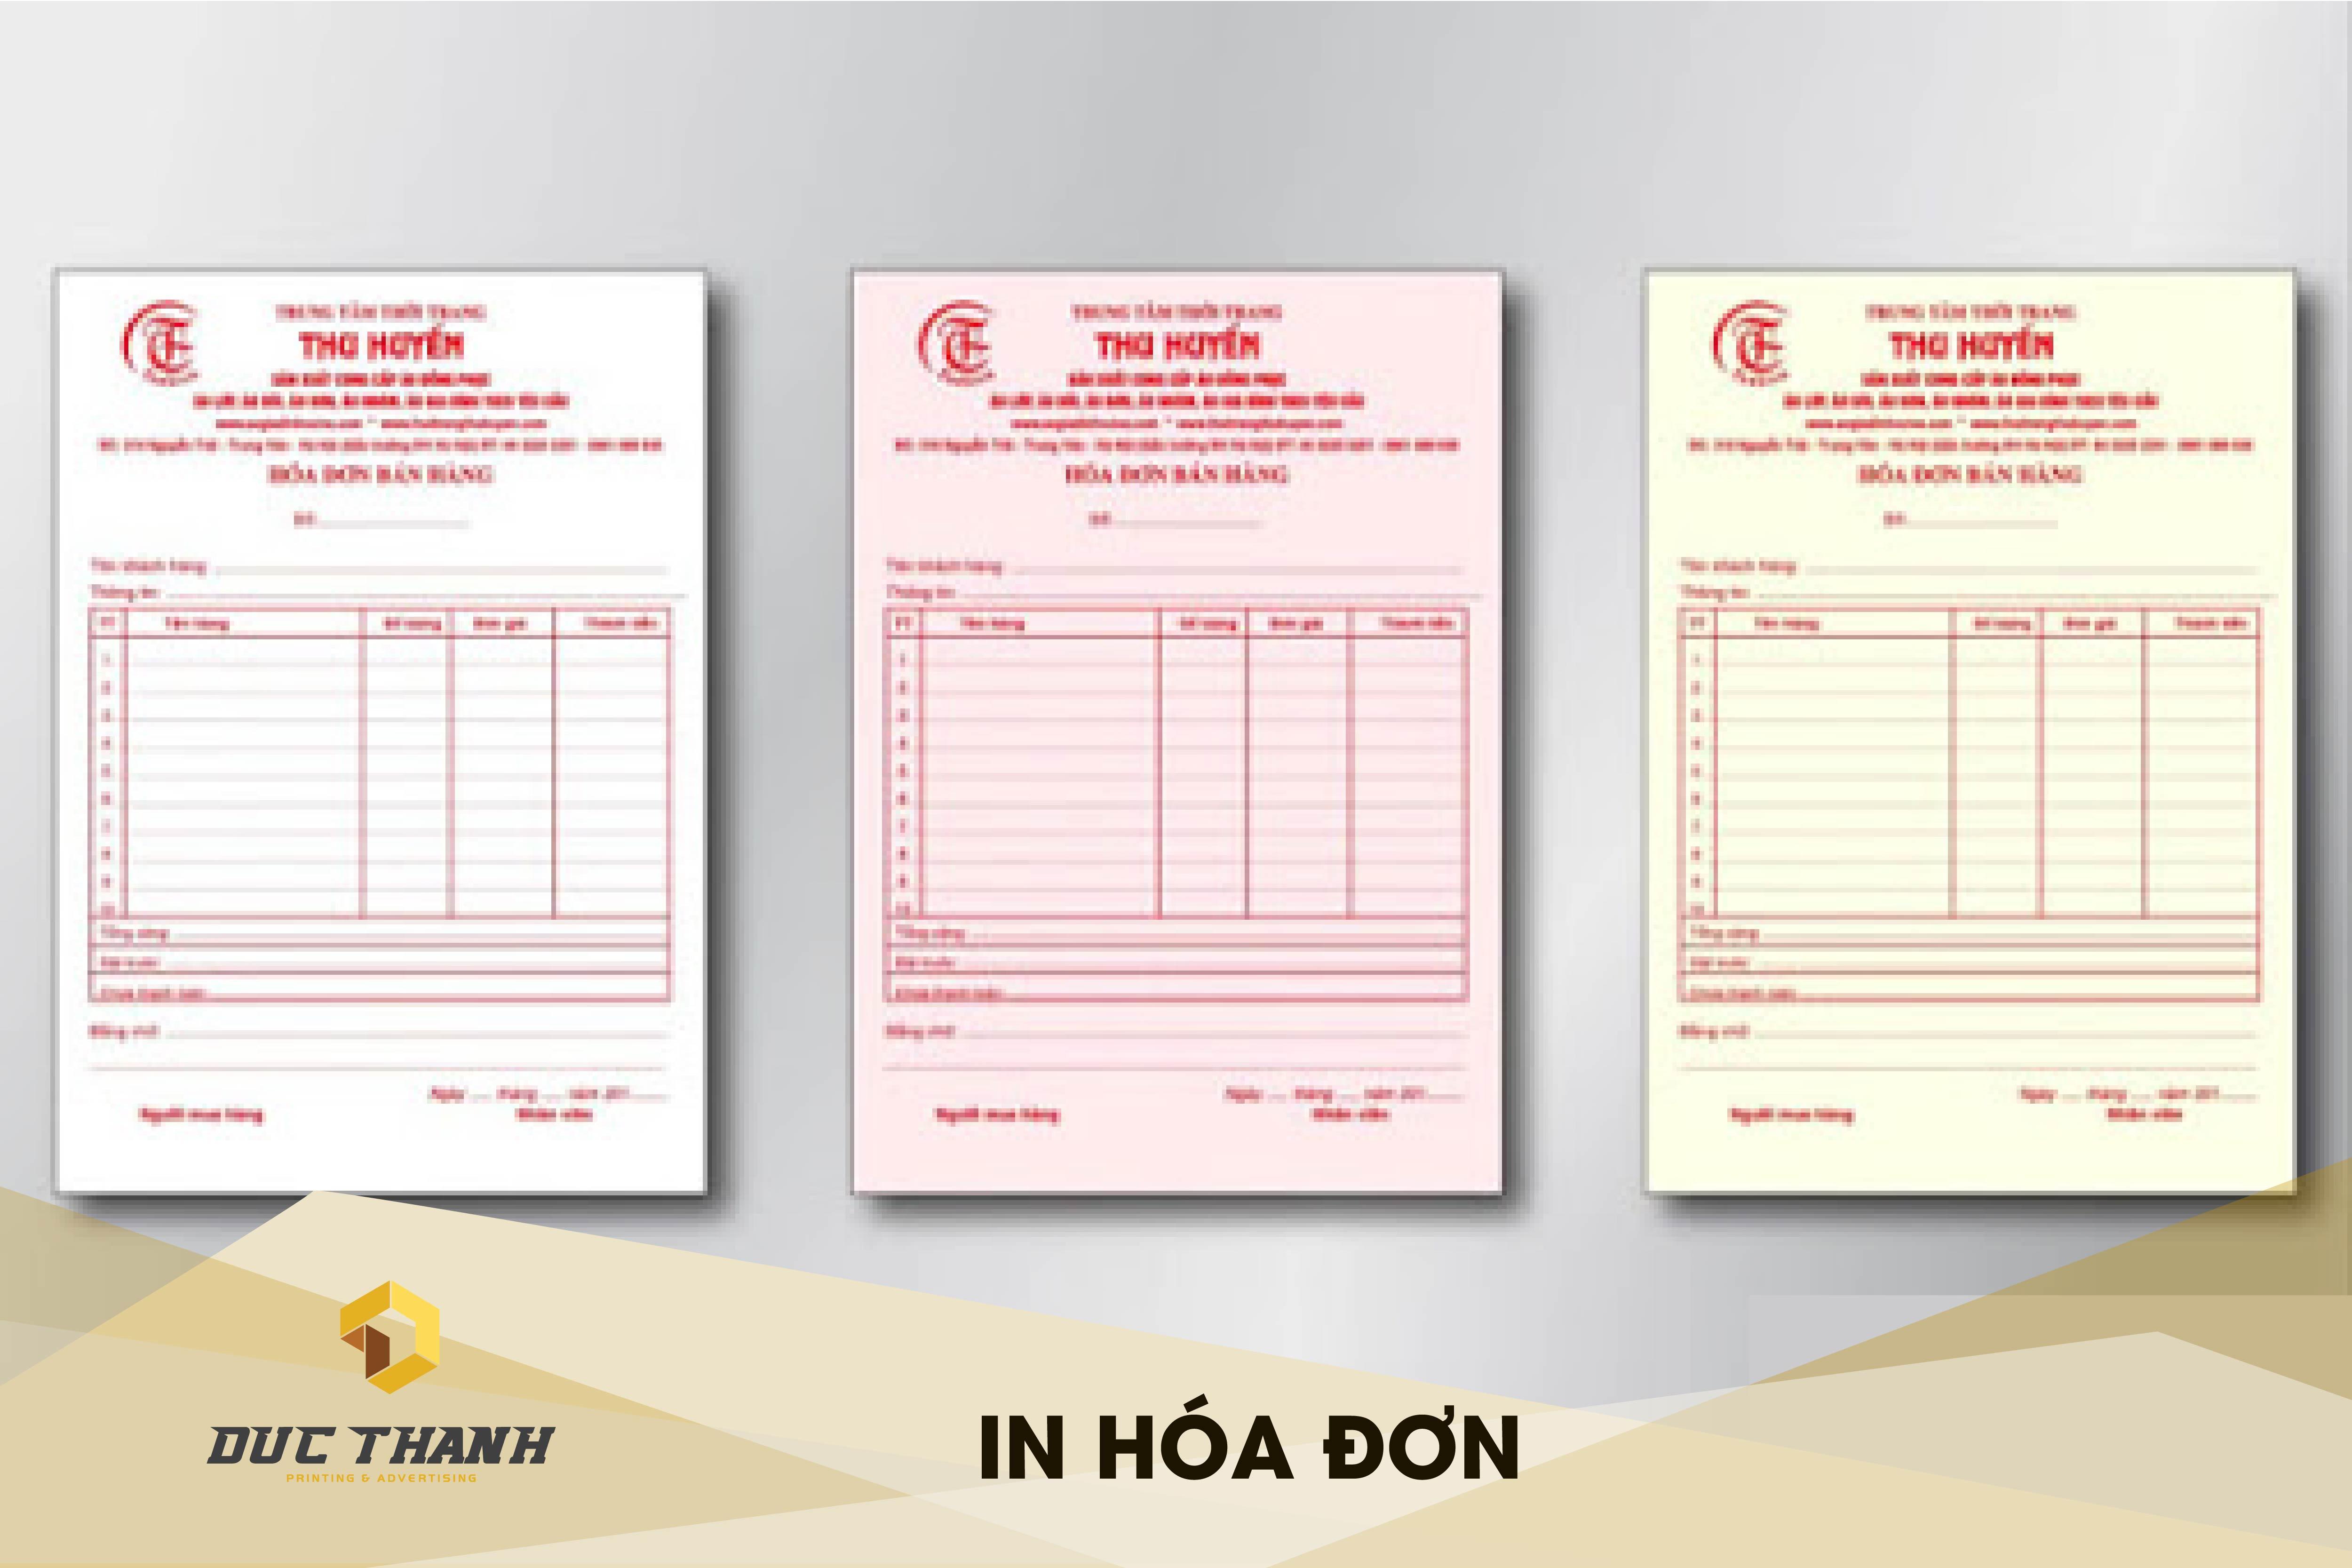 in-hoa-don-tai-ha-noi